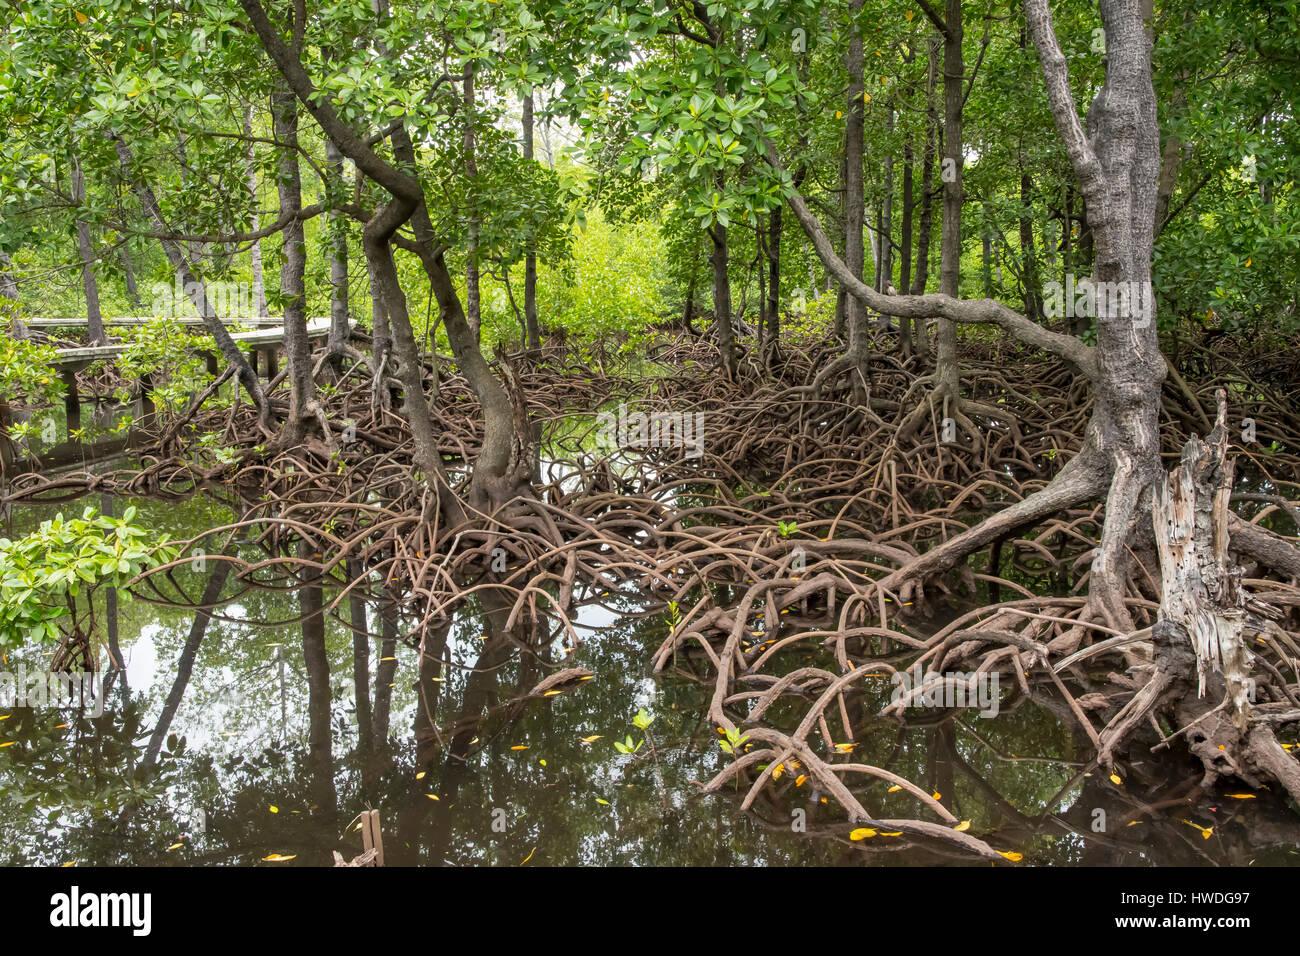 Mangroves on Pulau Sulat, Lombok, Indonesia - Stock Image